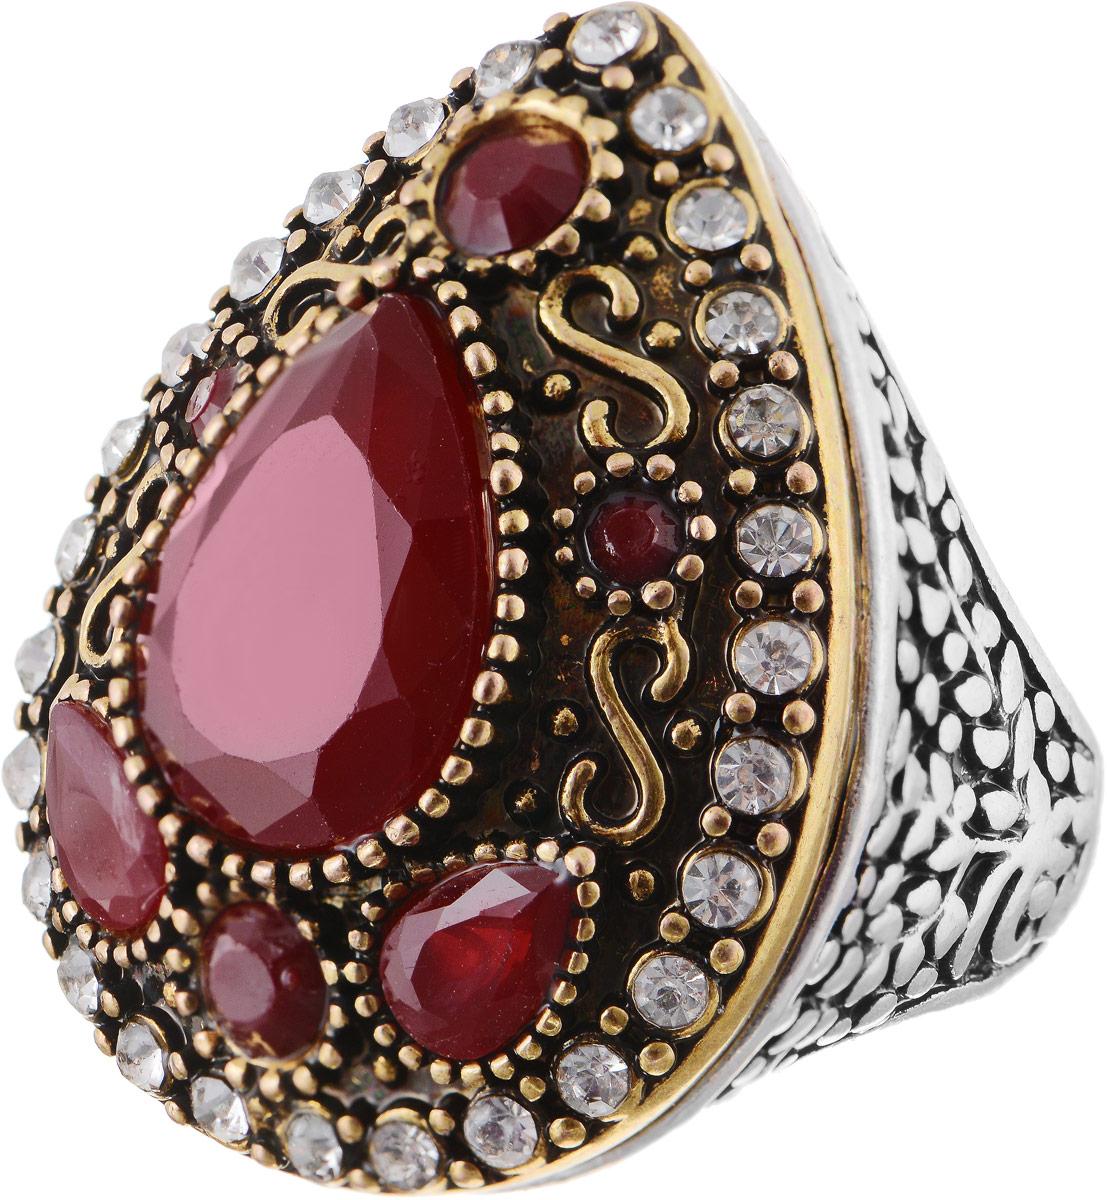 Кольцо Bradex Кармен, цвет: золотой, серебряный, бордовый. AS 0015. Размер 19Коктейльное кольцоКольцо Bradex Кармен выполнено из металлического сплава. Декоративный элемент выполнен в форме капли, оформленной вставками из искусственных камней и страз.